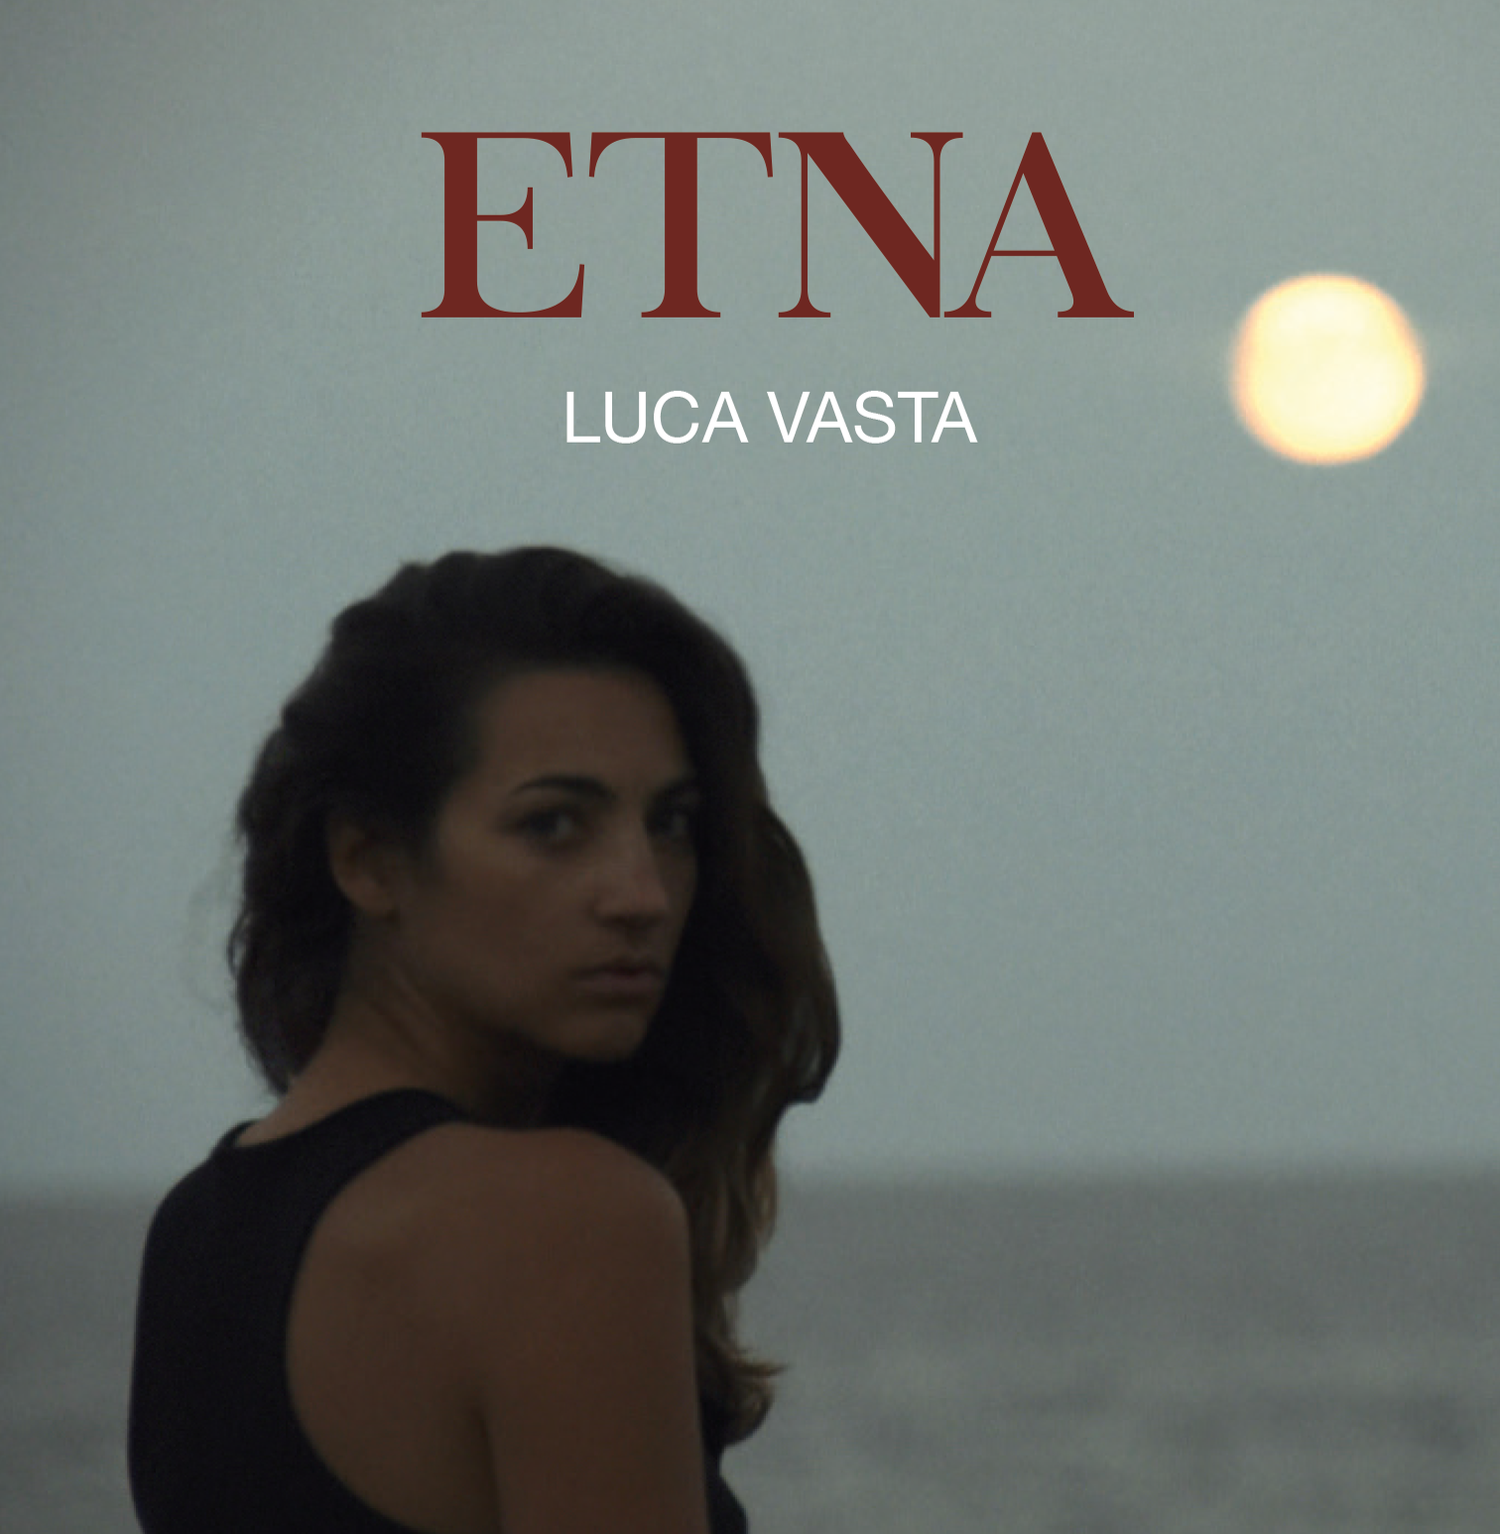 Image of Luca Vasta - Etna EP